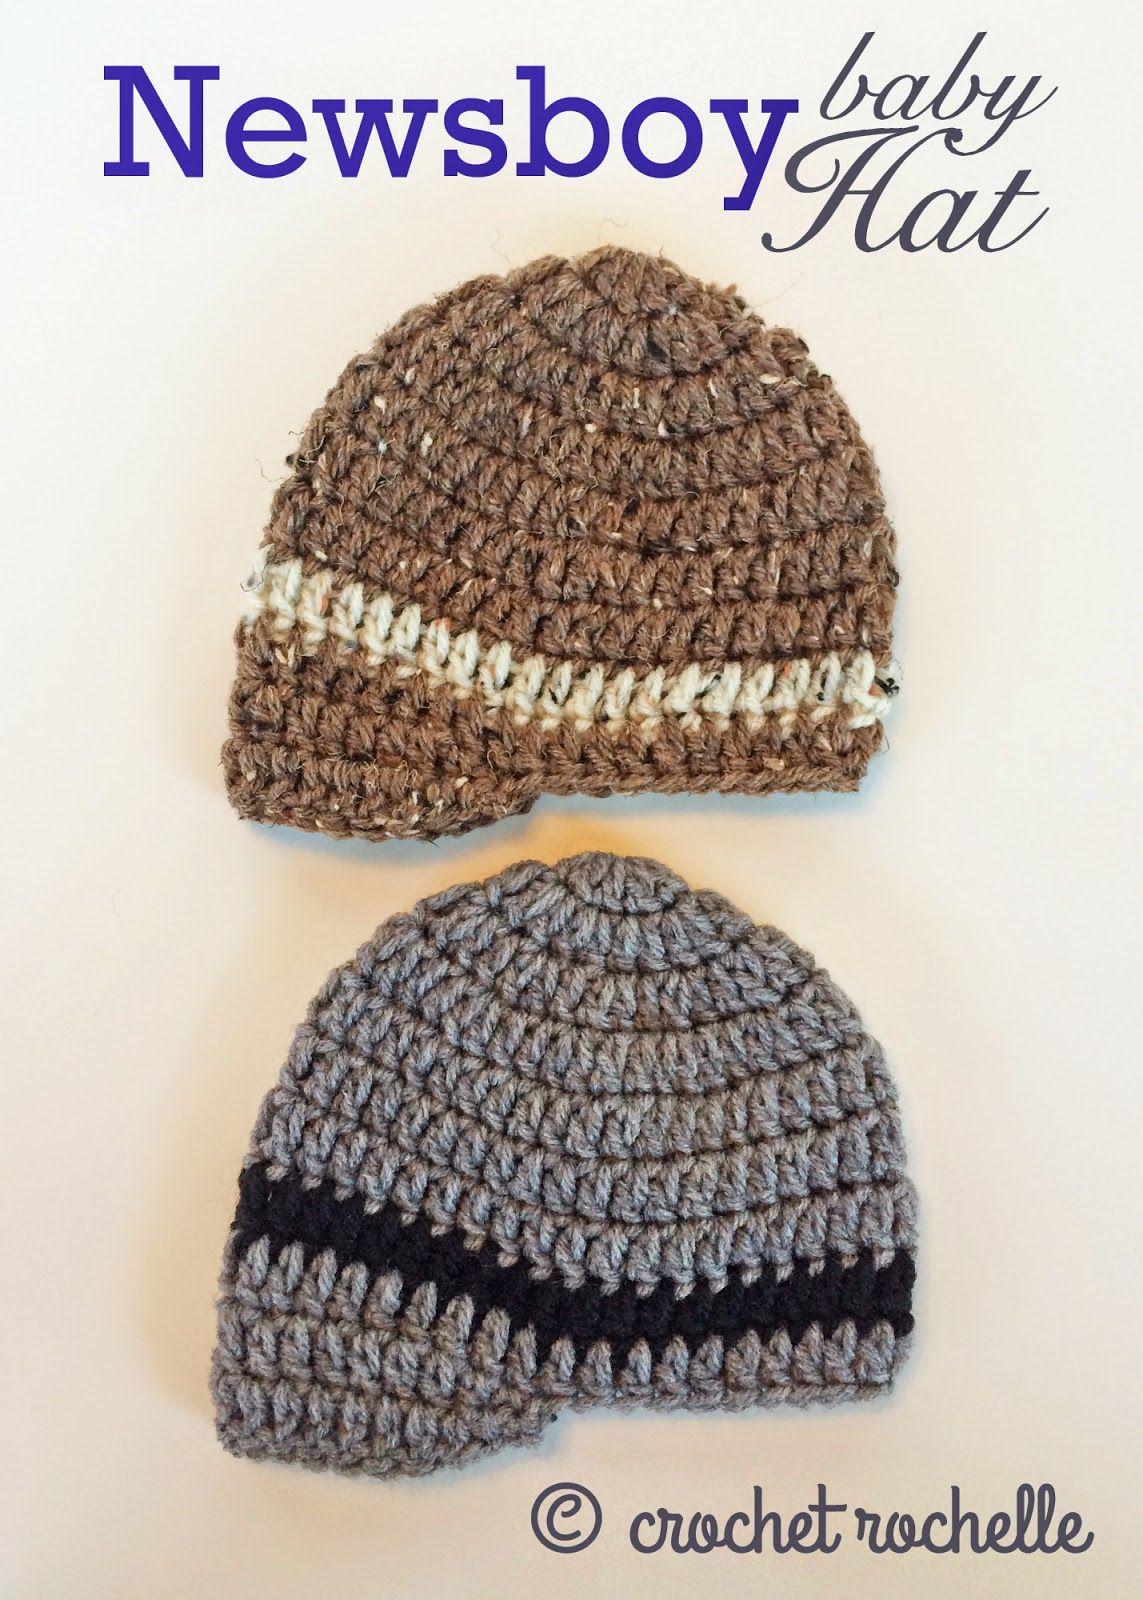 Crochet Rochelle: Newsboy Baby Hat Pattern   projects   Pinterest ...